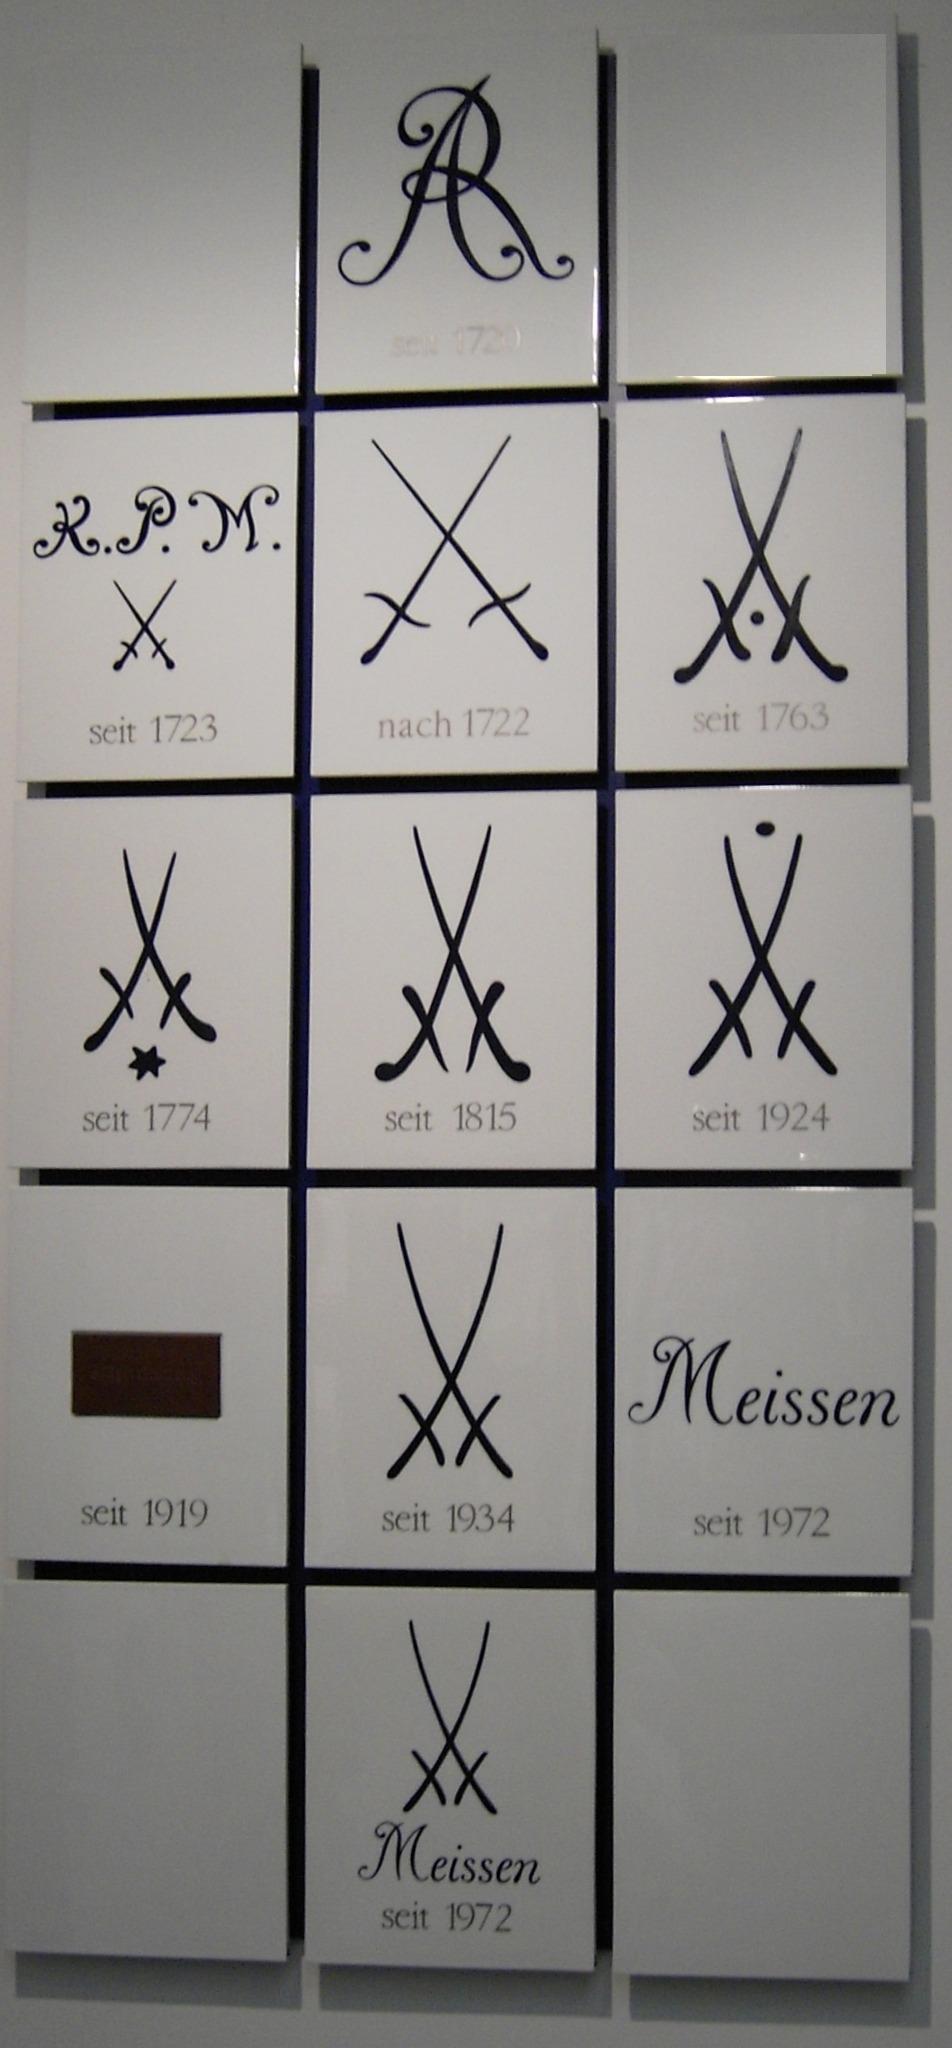 Historie Markenzeichen Meissen